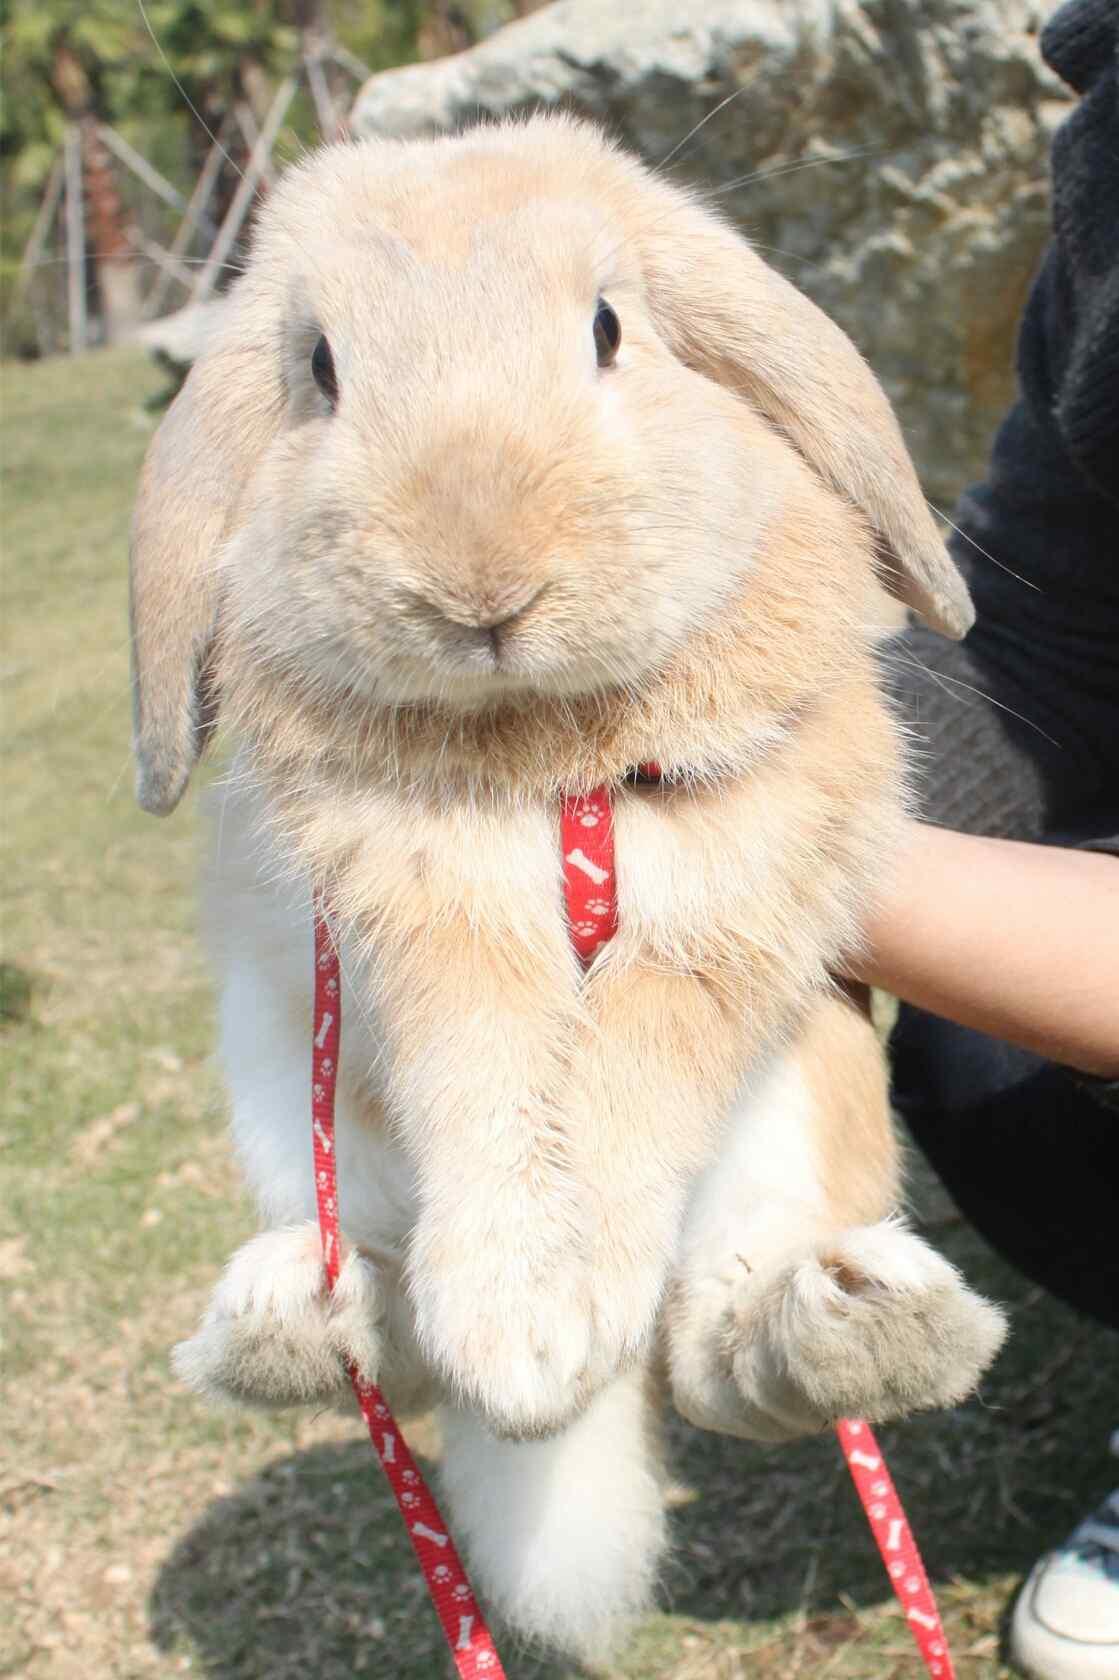 漂亮可爱的垂耳兔图片手机壁纸